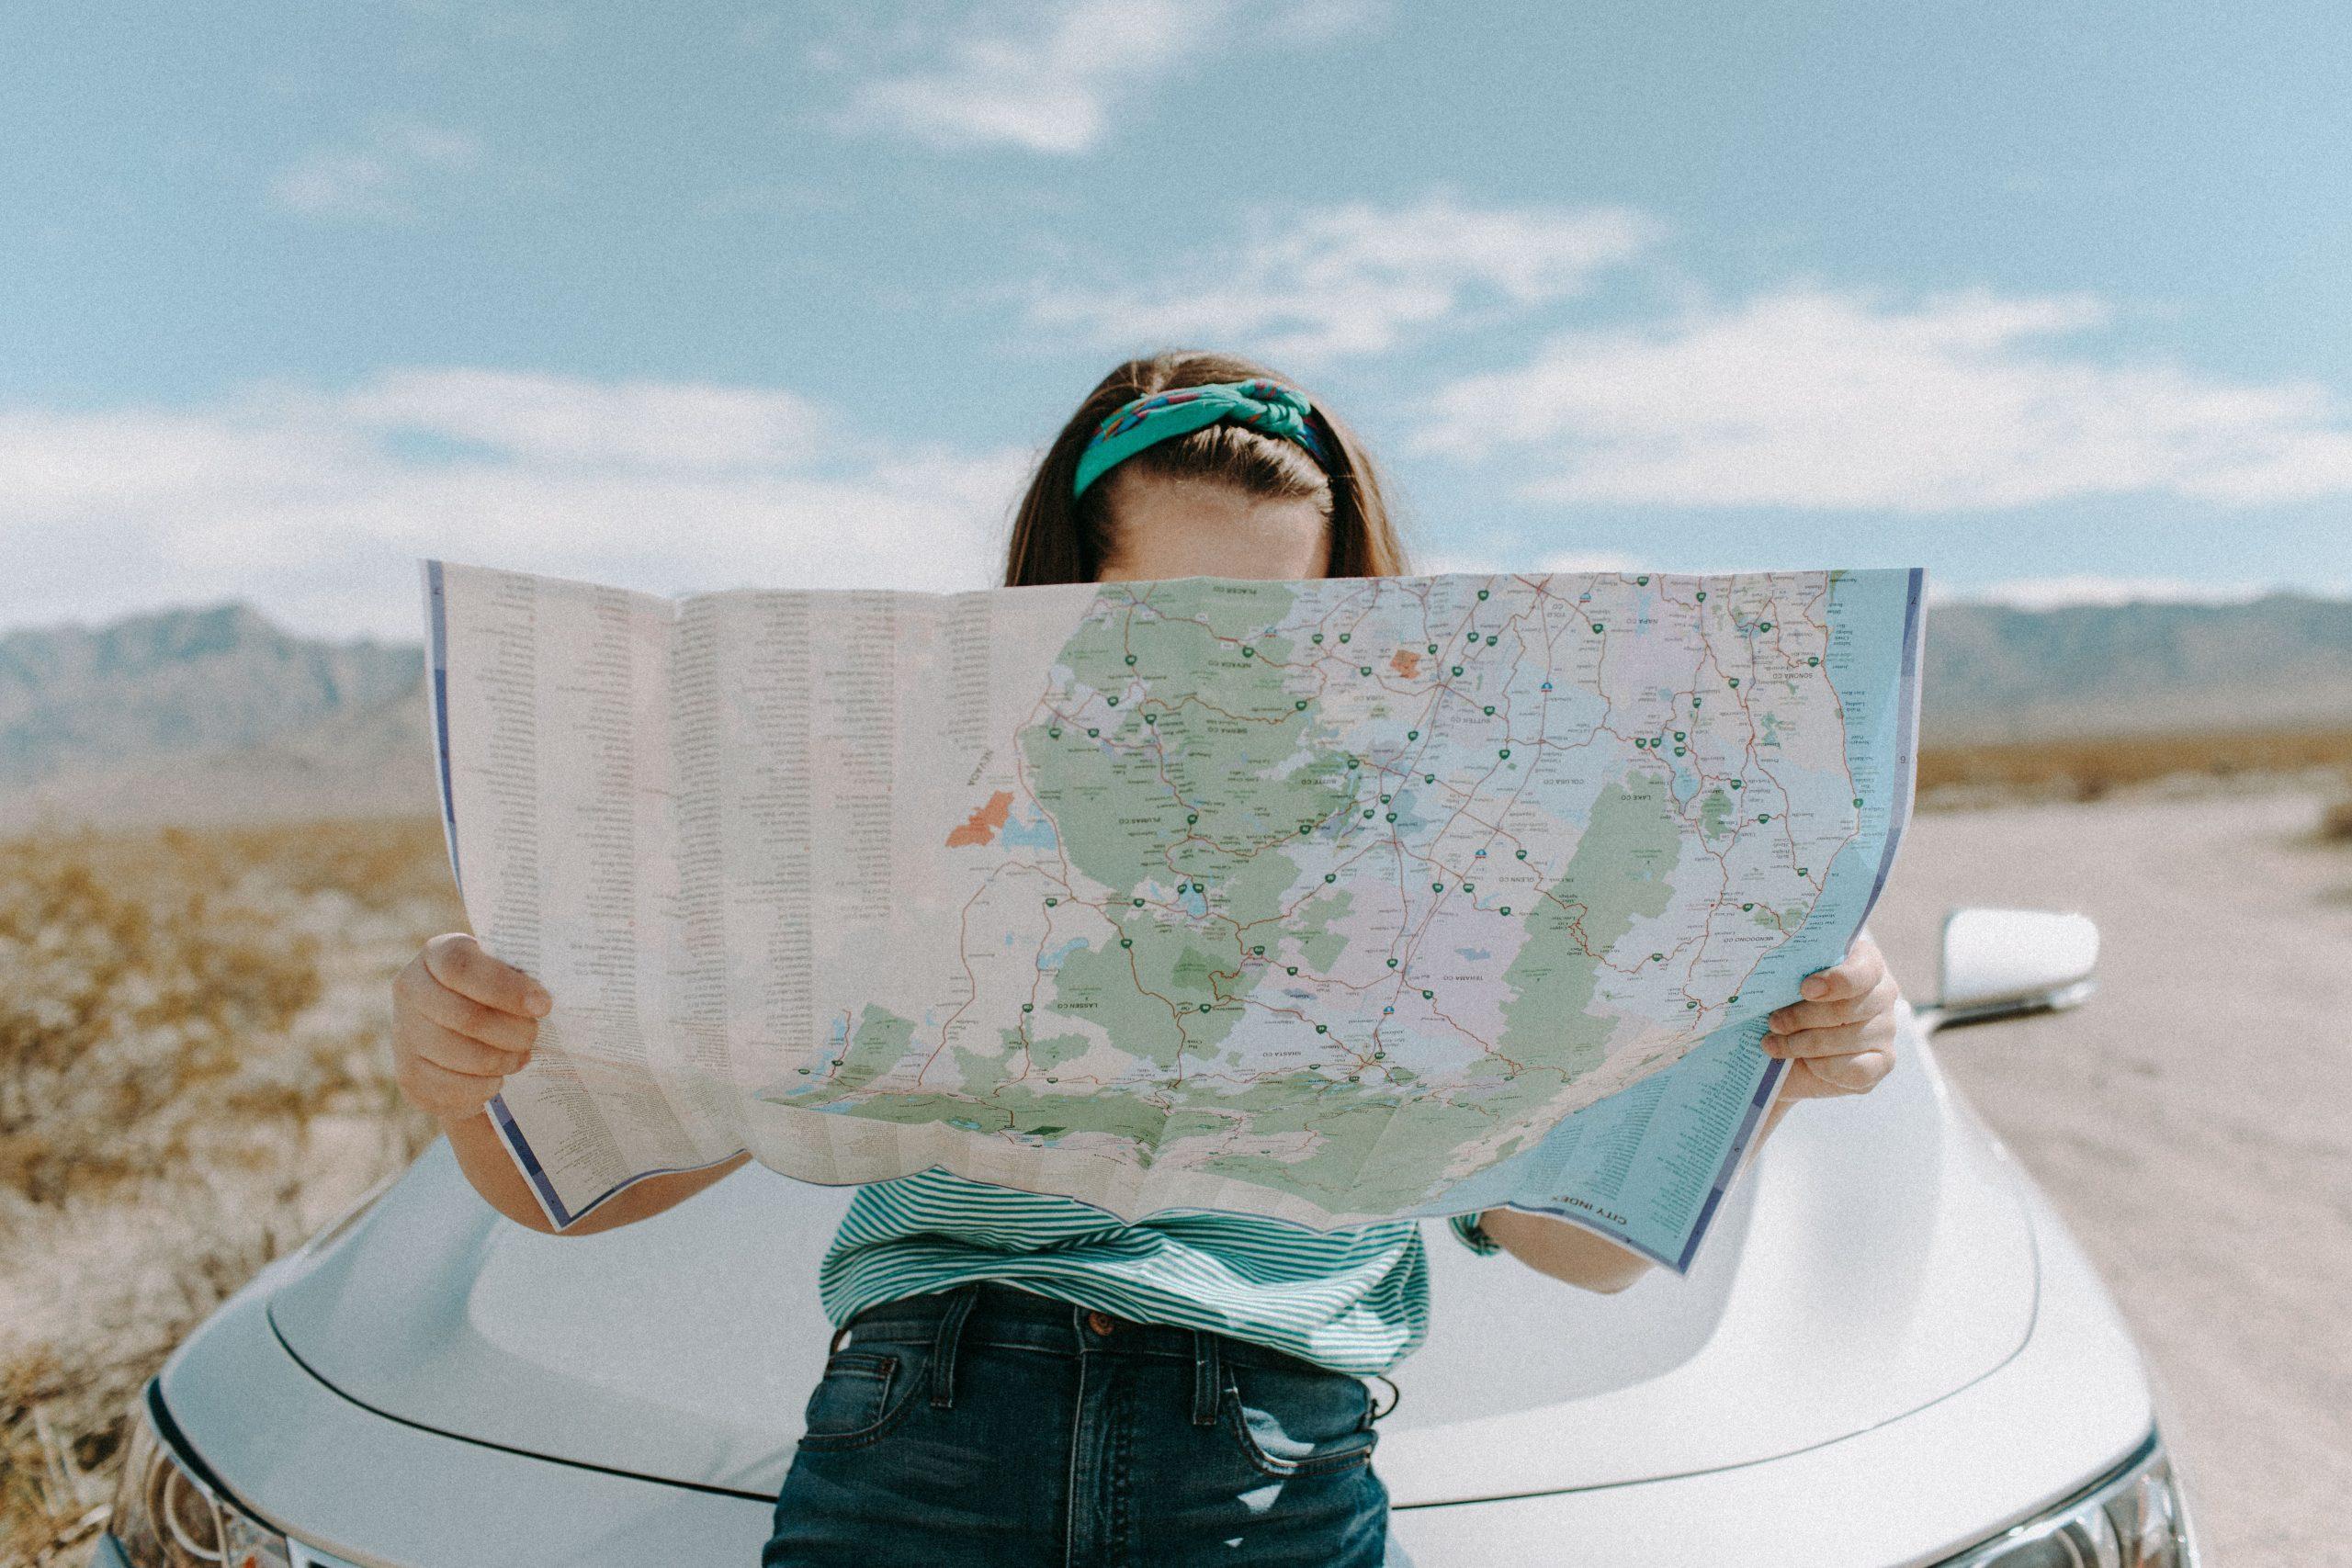 Lista De Viaje Y Consejos Esenciales para un viaje en Carretera.